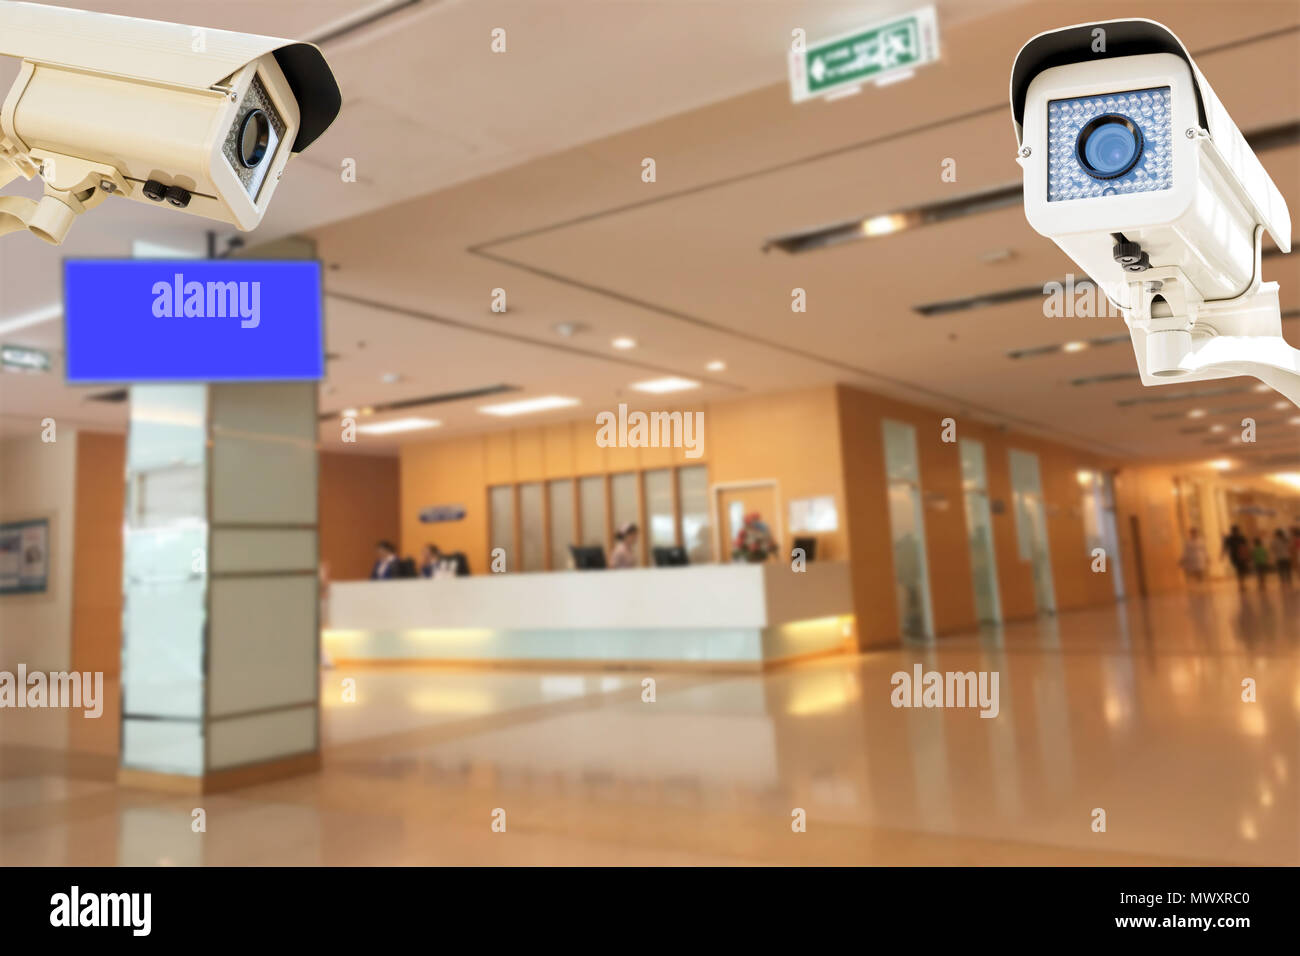 La caméra de sécurité CCTV fonctionnant en arrière-plan flou de l'hôpital. Banque D'Images